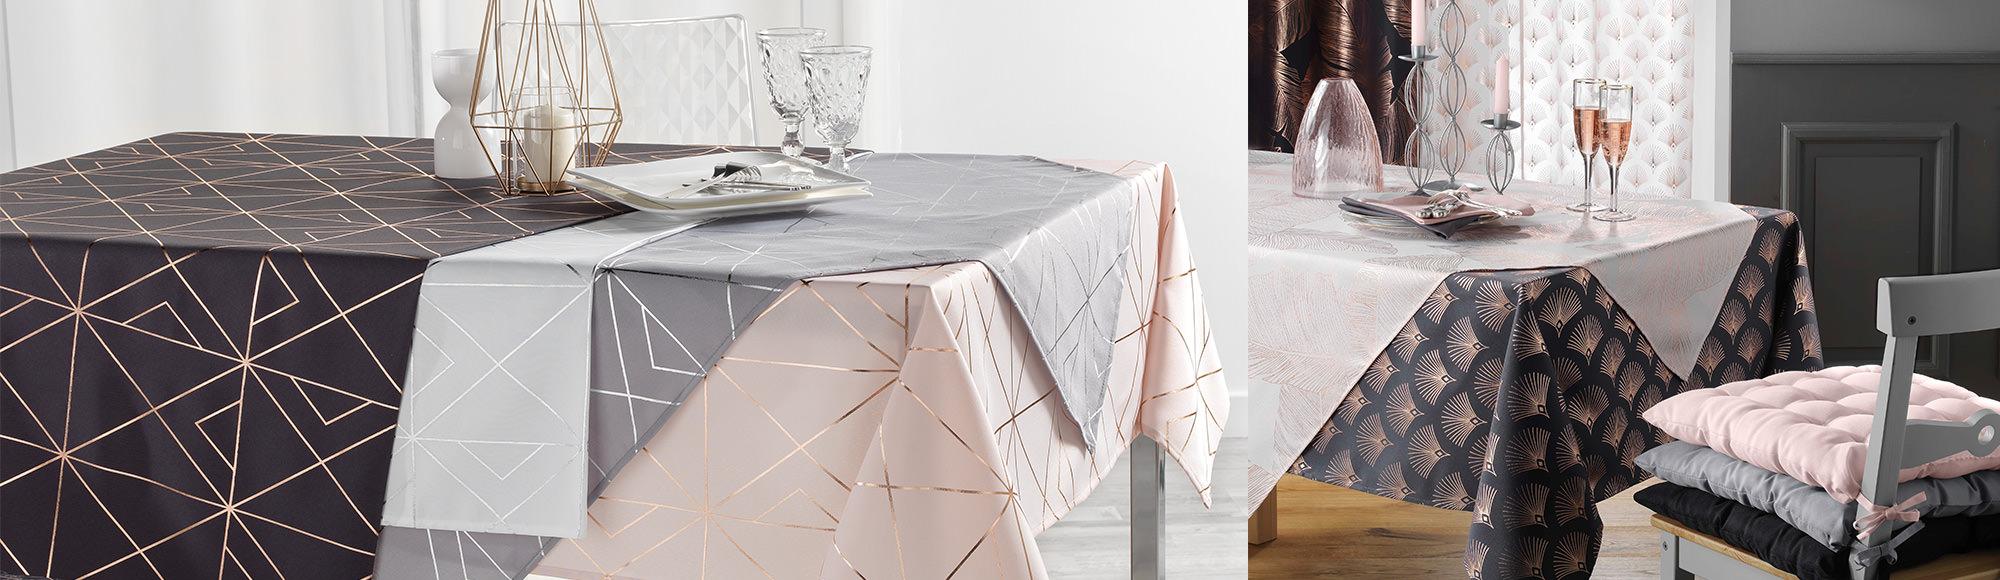 U10 - Douceur d'intérieur - Linge de table - Linge de maison - Nappes Goldy - Quadris